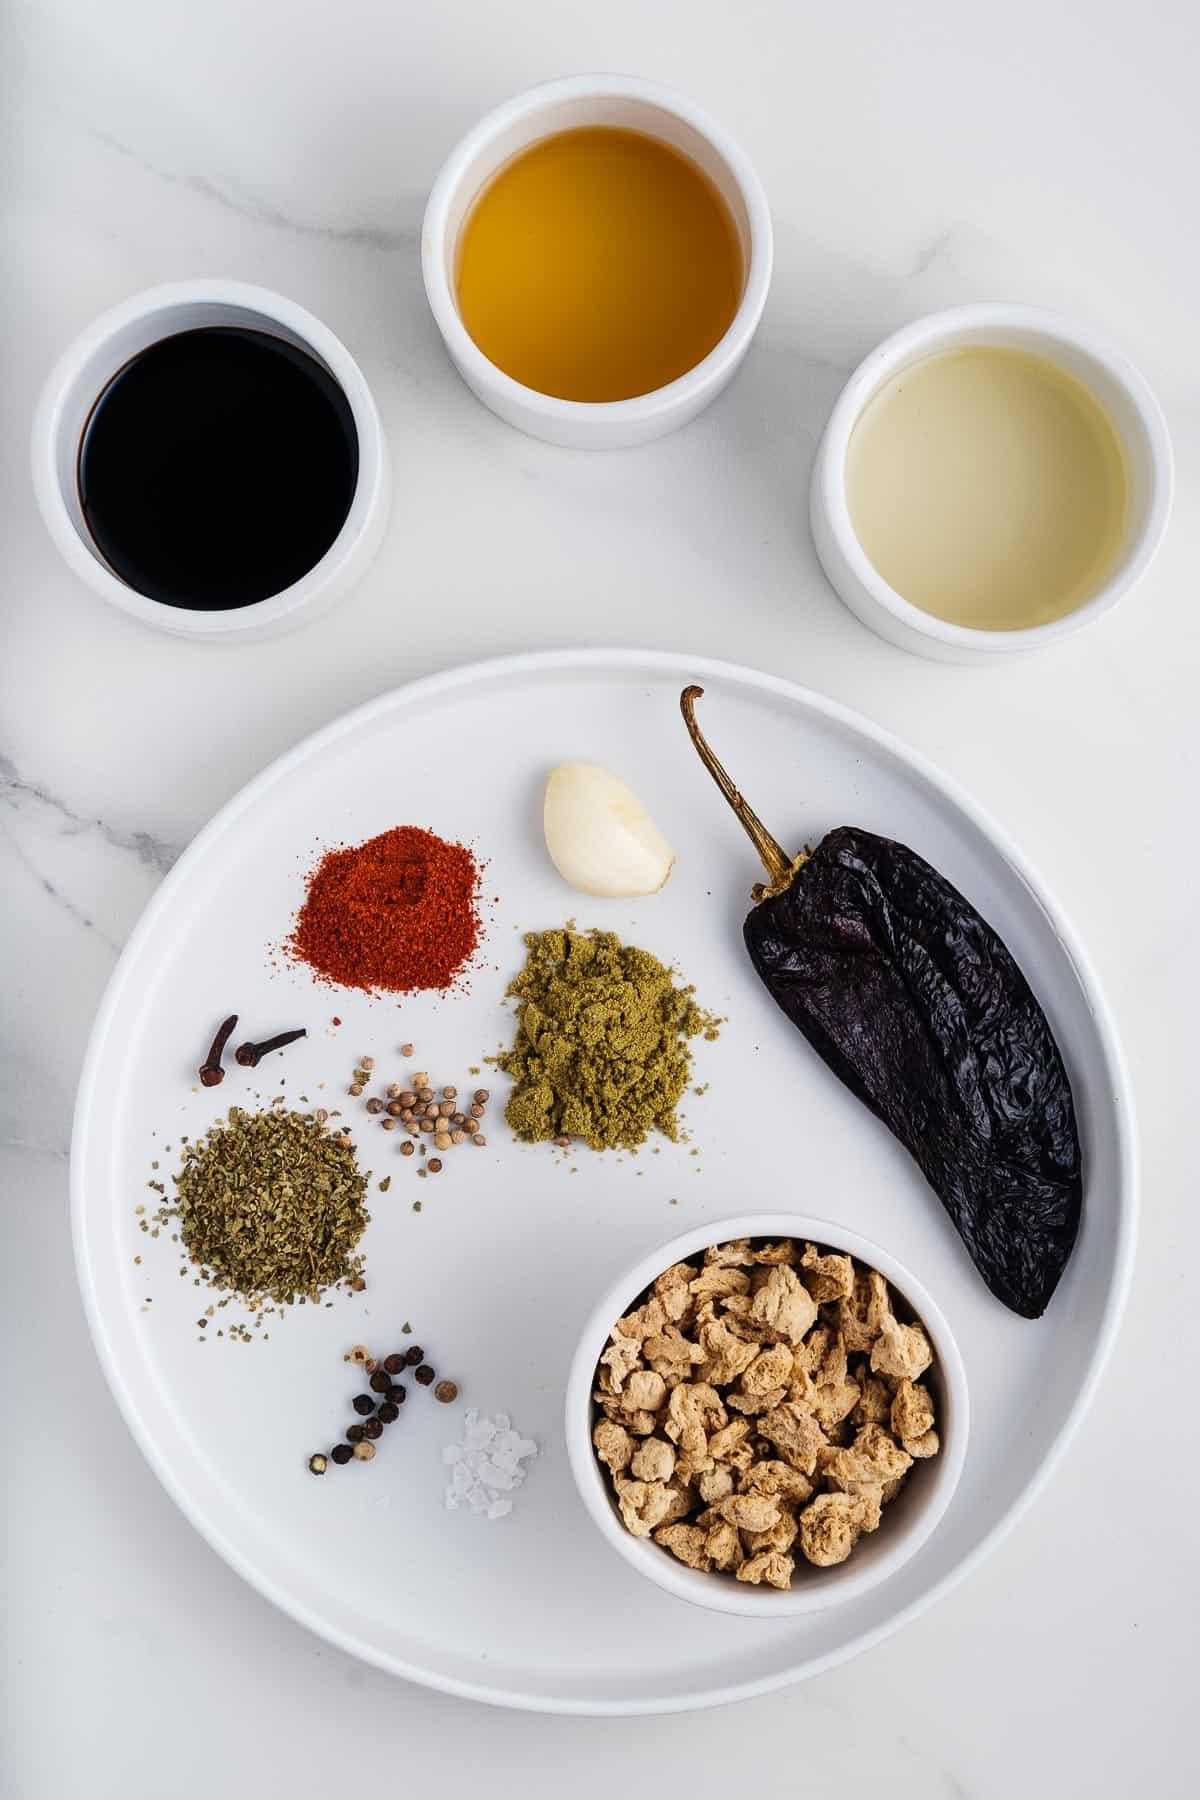 TVP, Spices, Ancho Chile, Garlic, Tamari, Apple Cider Vinegar, and Coconut Oil